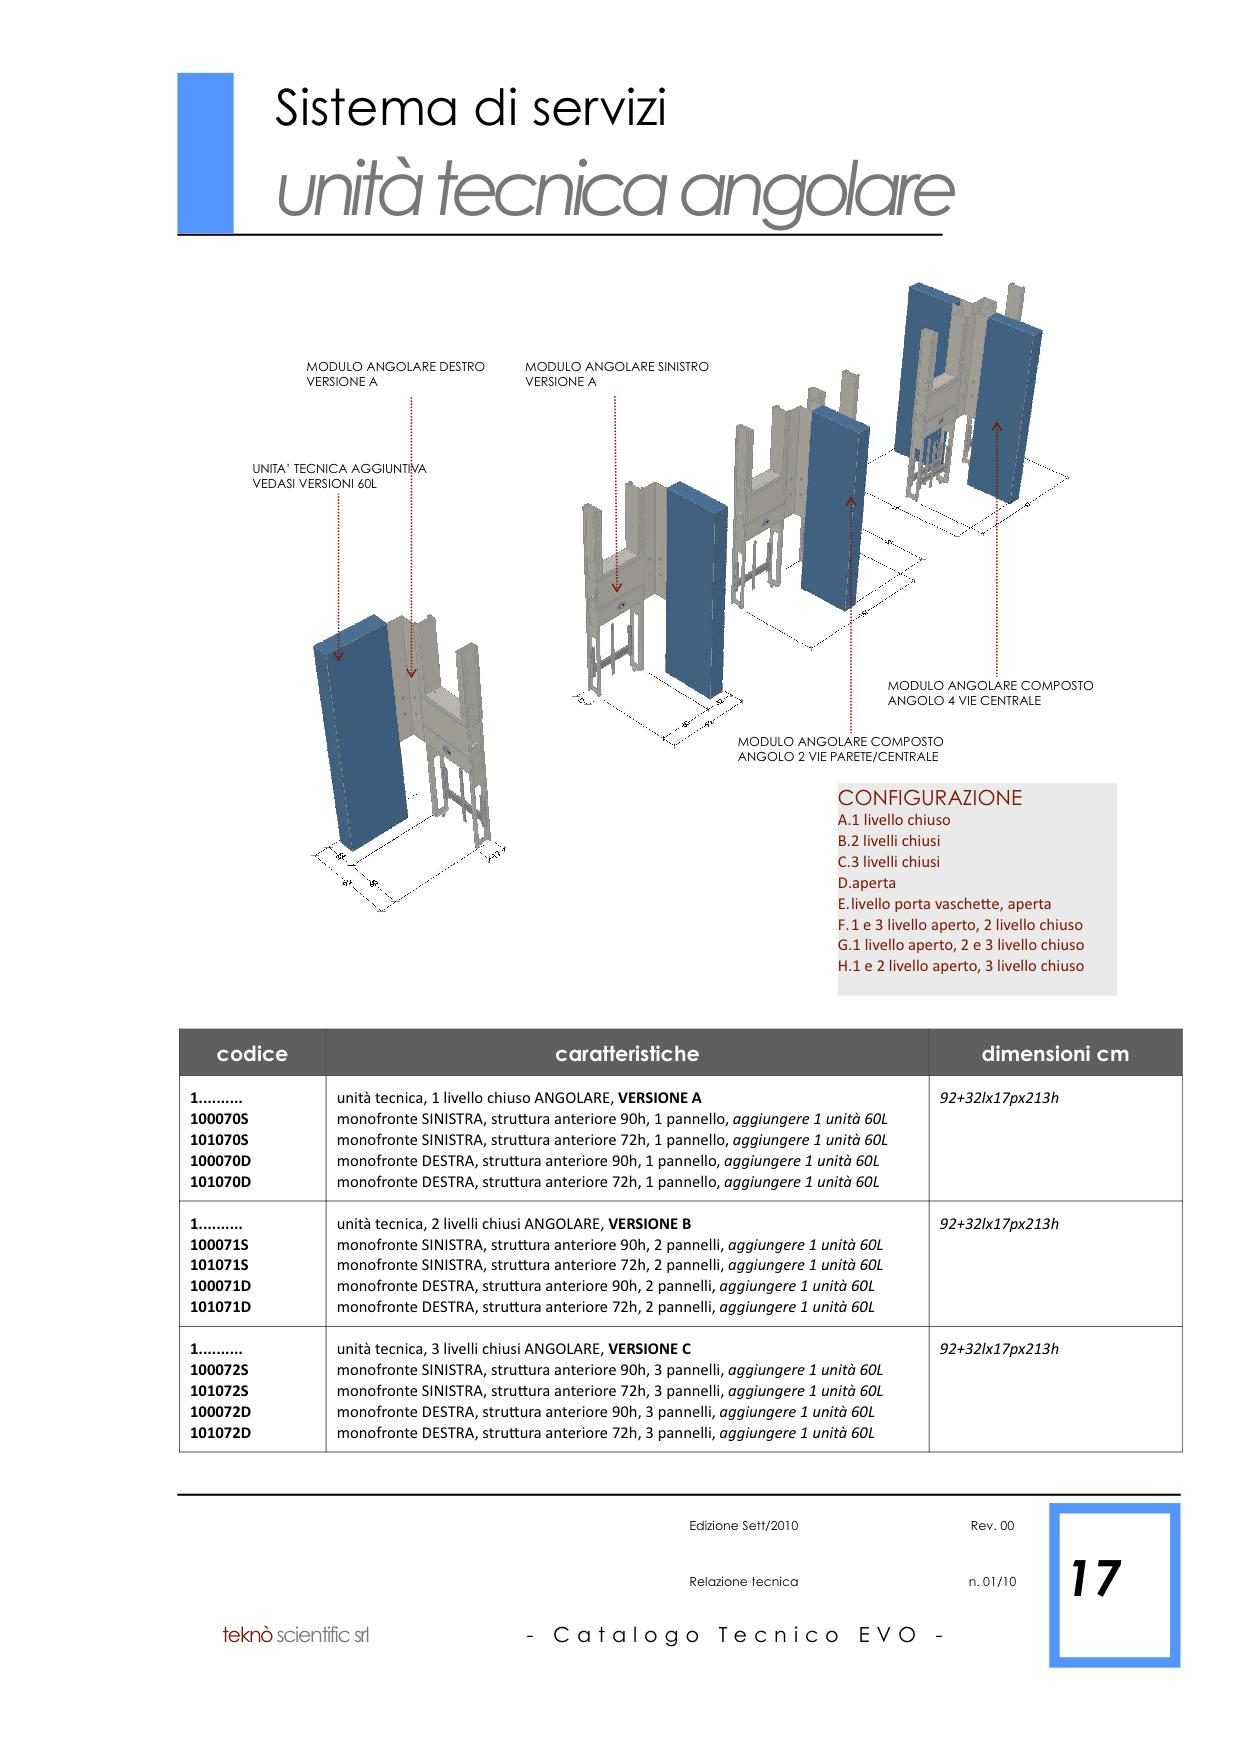 EVO Catalogo Tecnico Generale copia 17.png